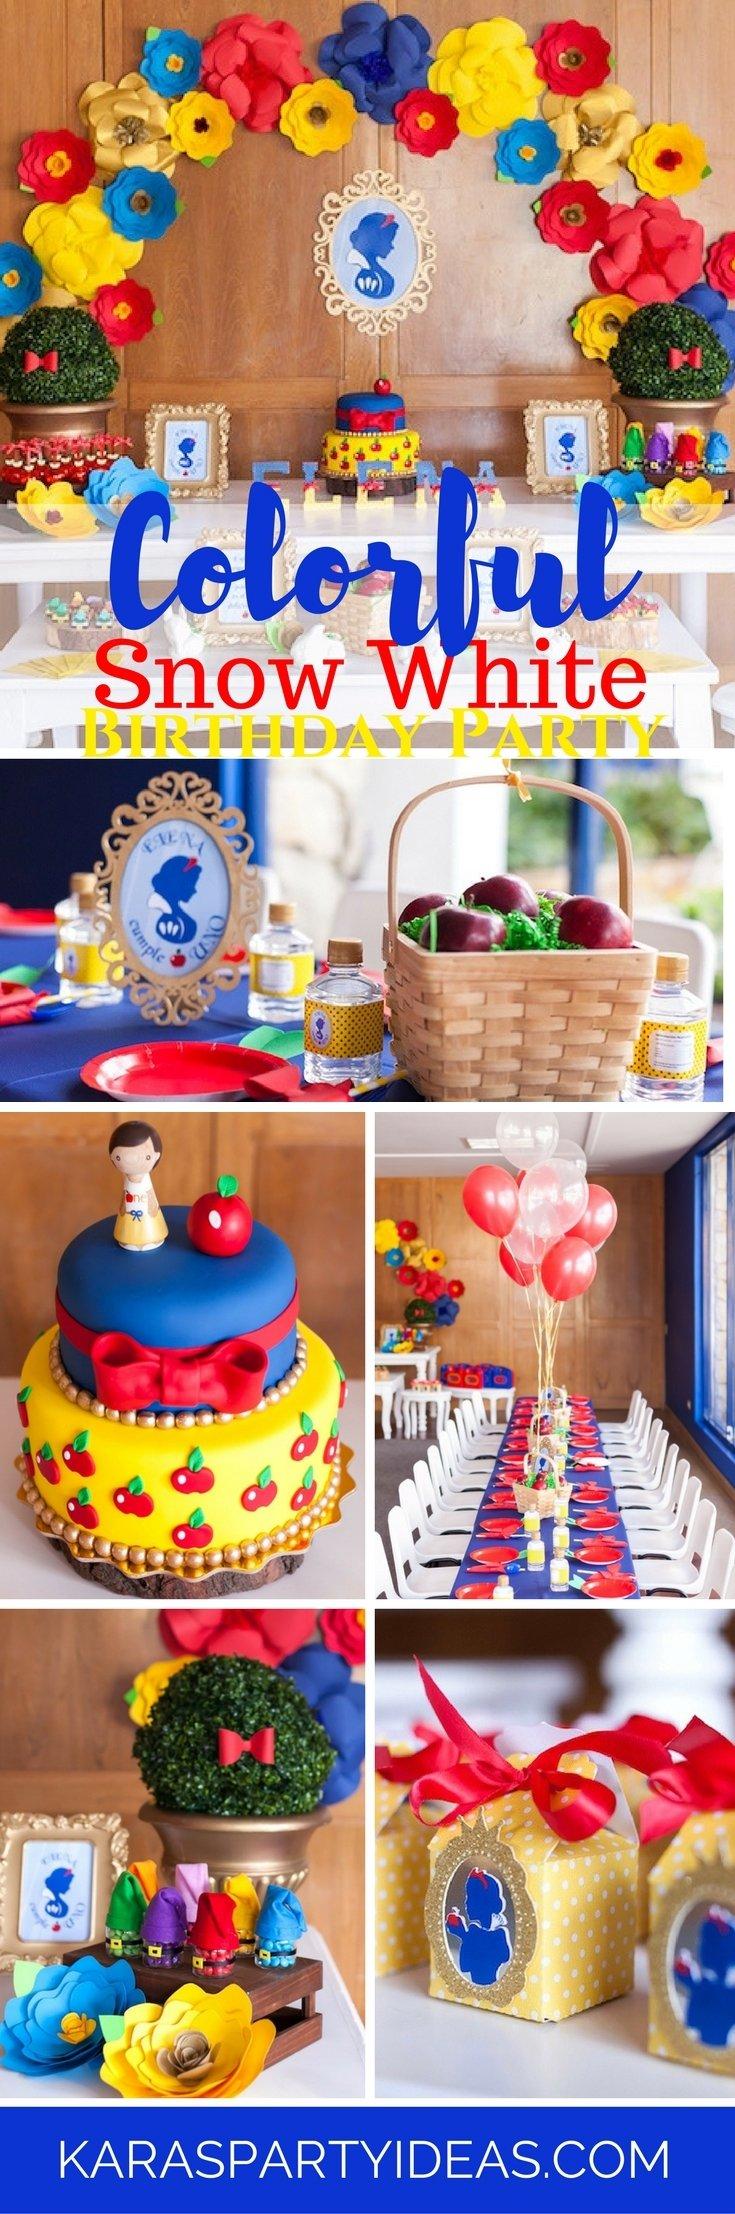 10 Fashionable Snow White Birthday Party Ideas karas party ideas colorful snow white birthday party karas party